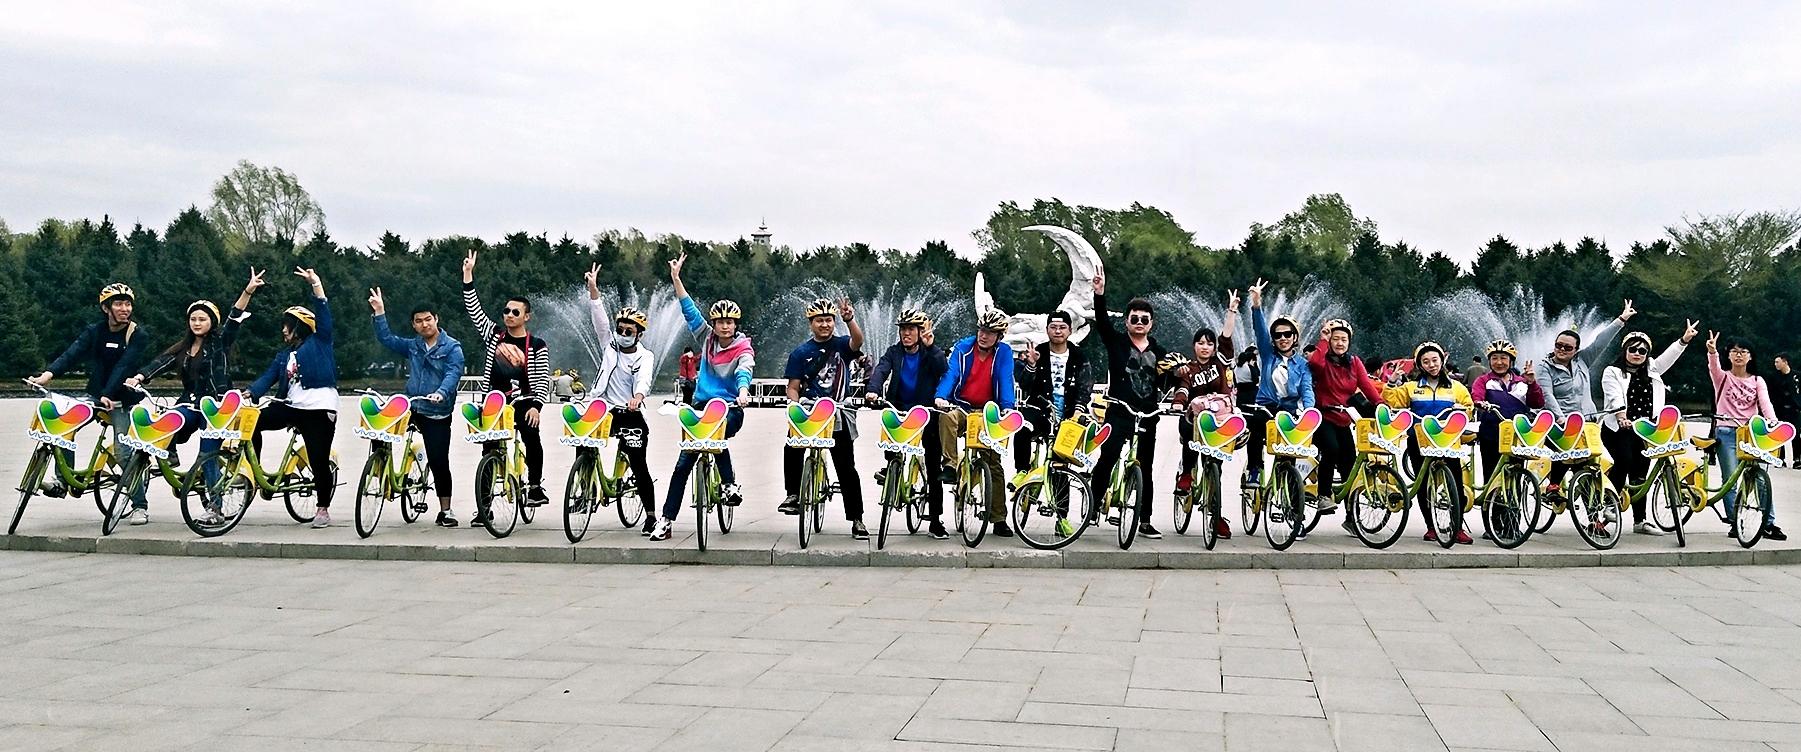 吉林同城会 | 活力骑行,照亮最美的青春!